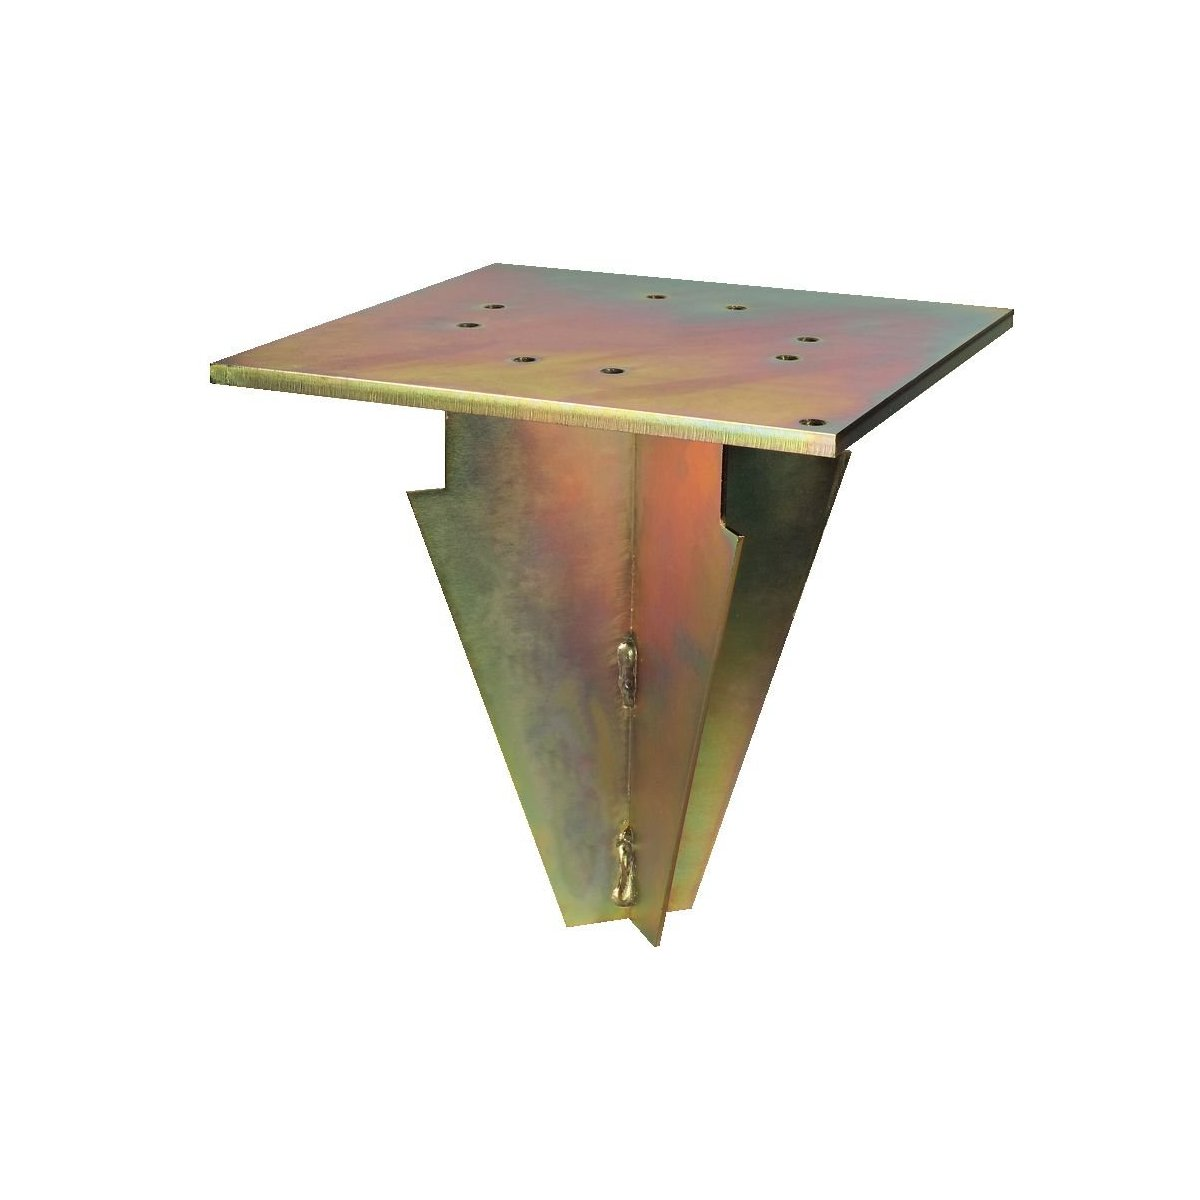 supporto in acciaio zincato da interrare per ombrelloni Scolaro